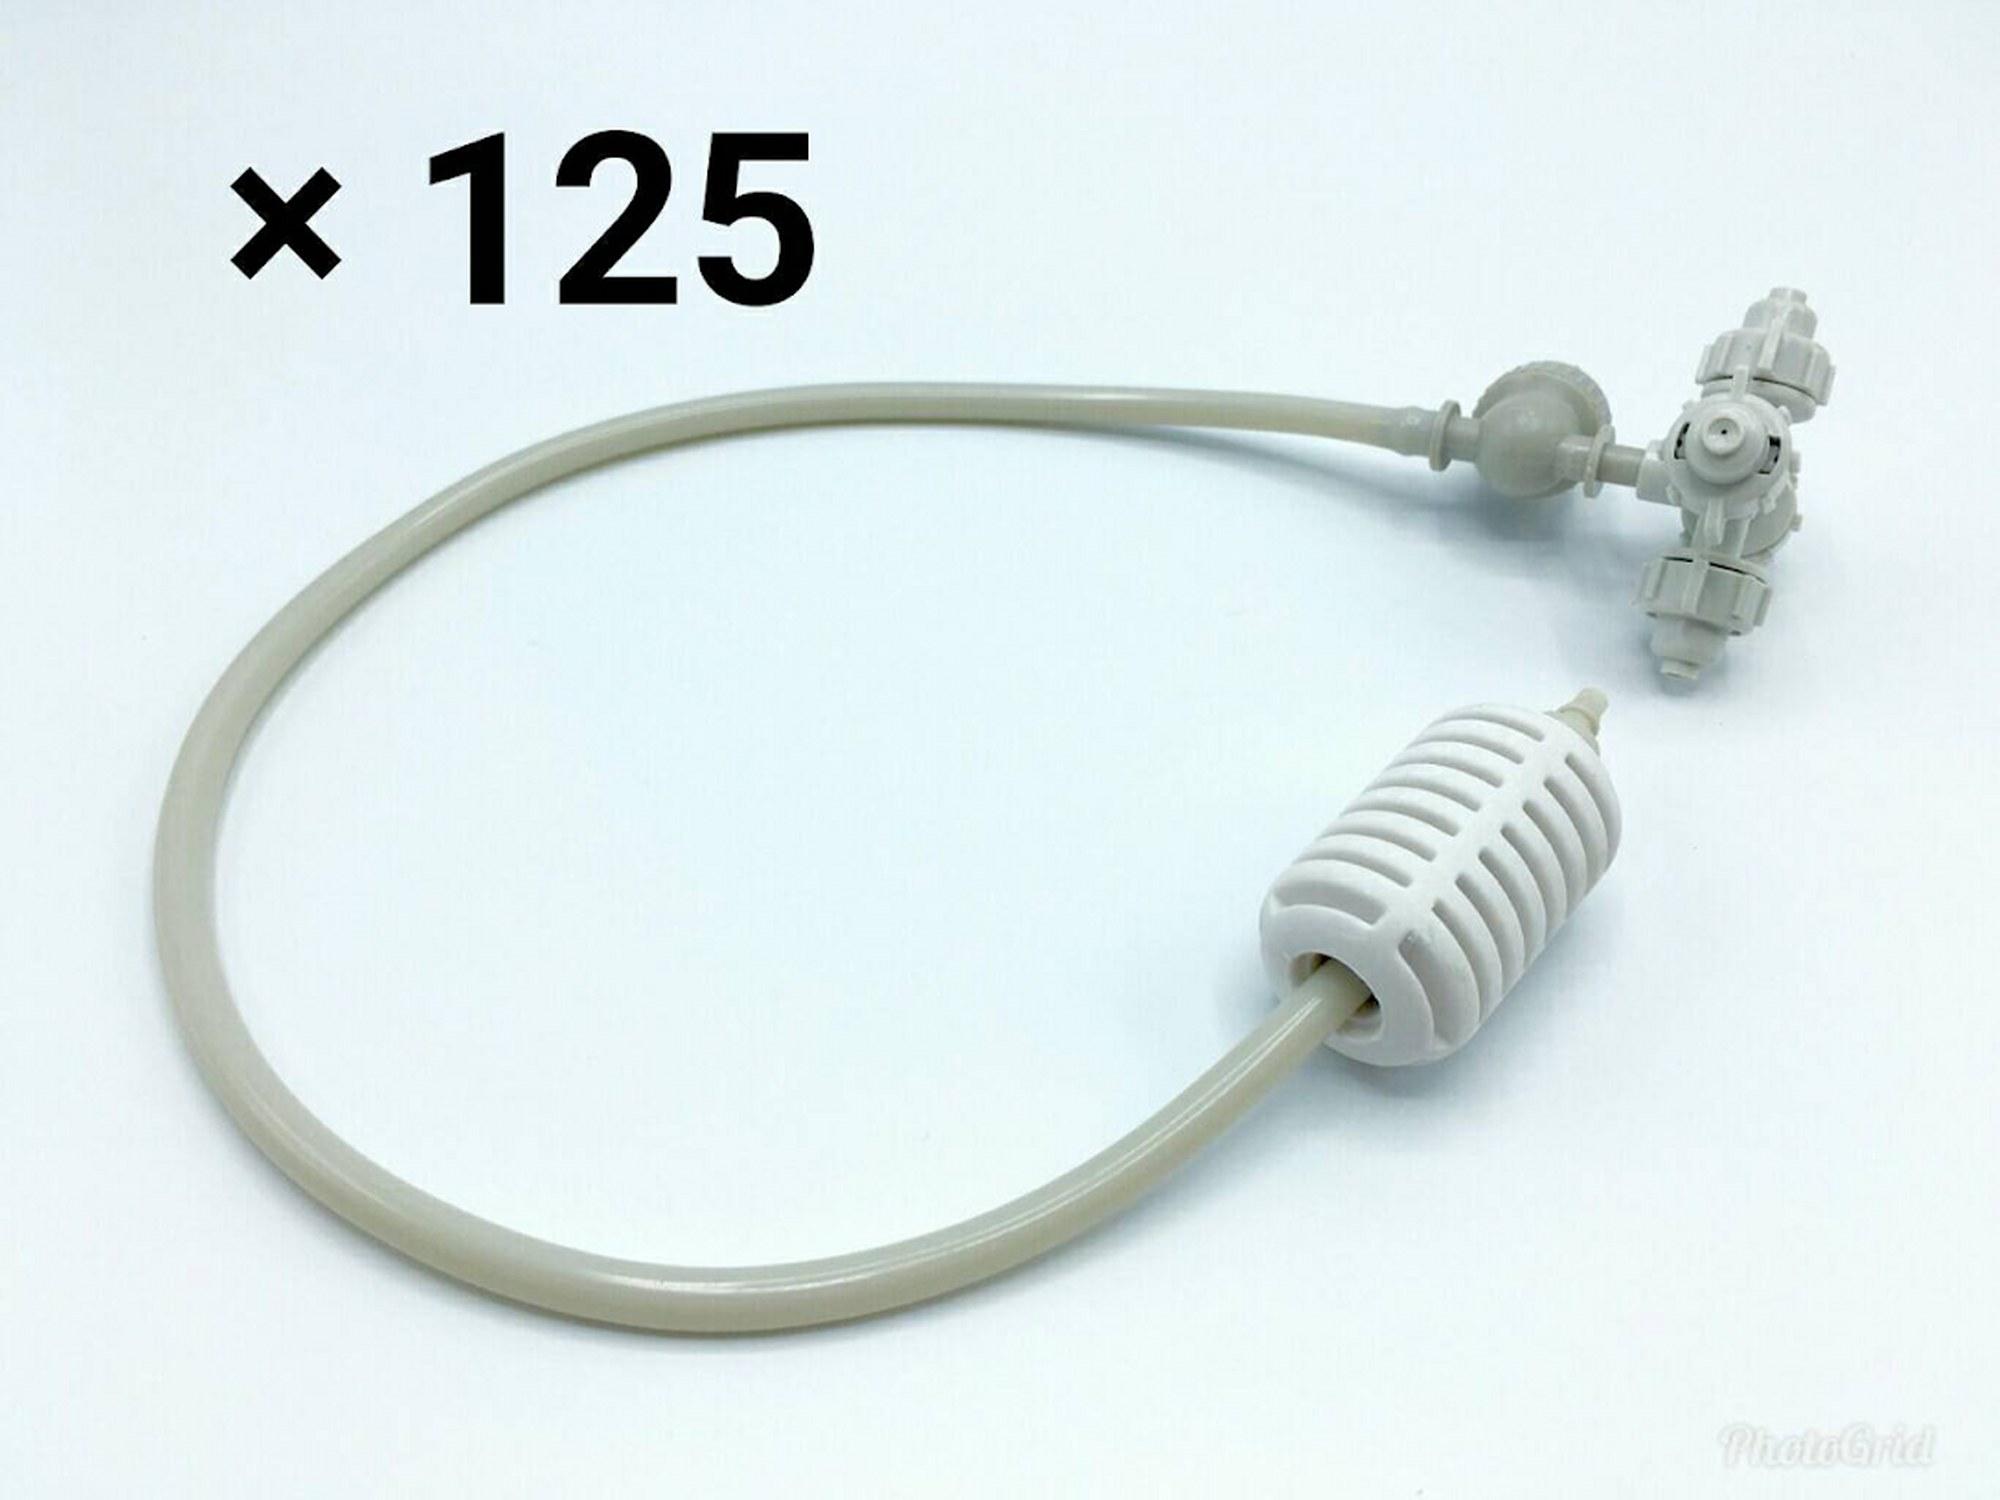 หัวพ่นหมอก 4 ทางเนต้าฟิล์ม 0.6 mm. 125 ชุด ( 1 ลัง ) ( ชุดละ 70 บาท )